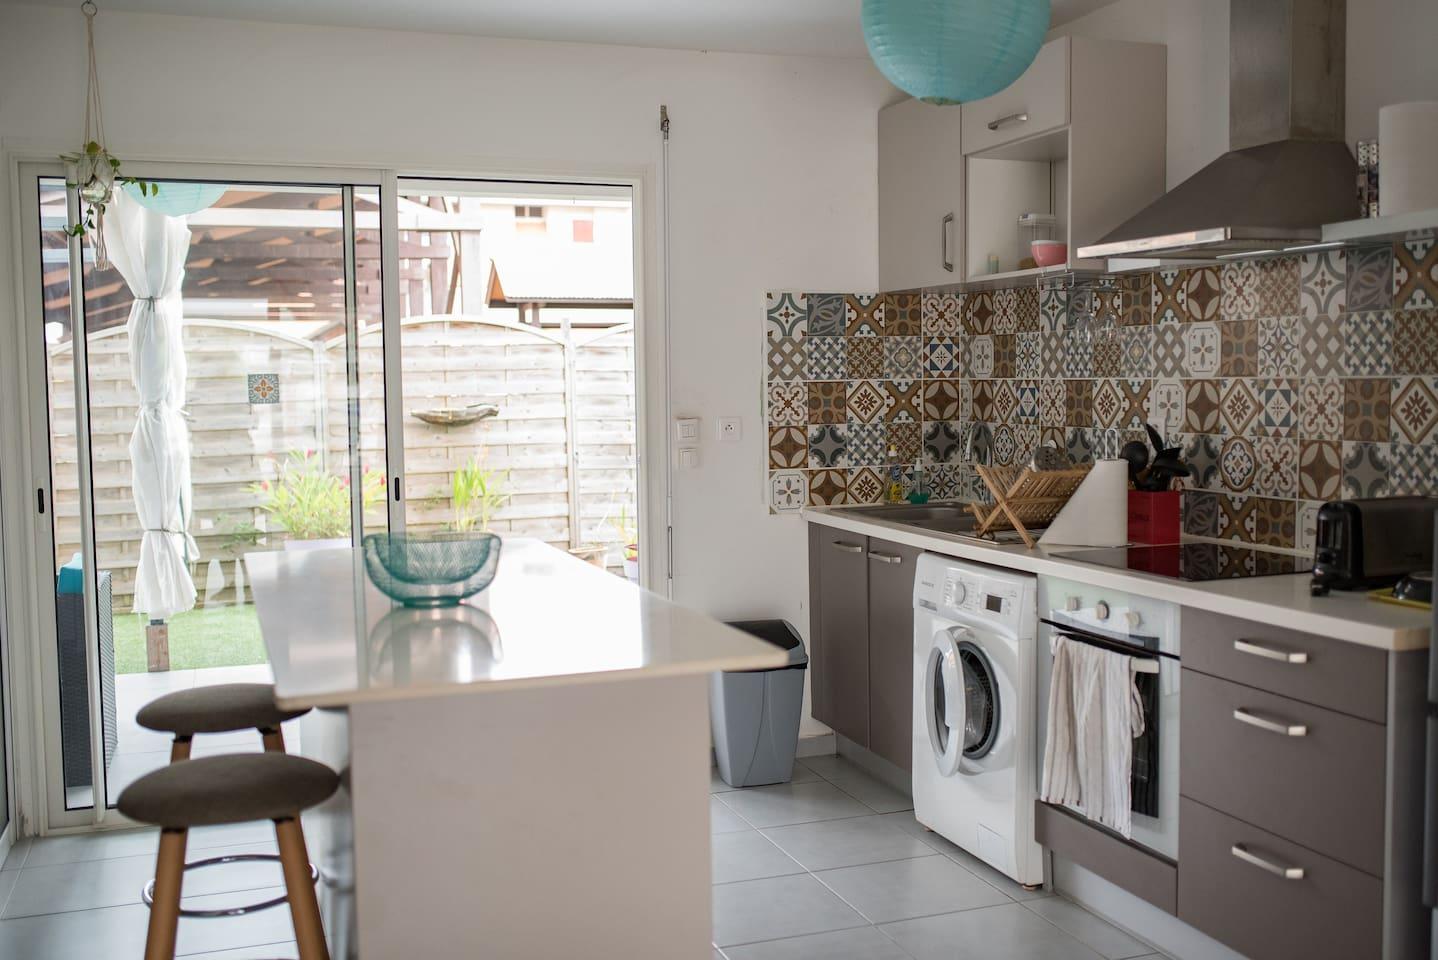 cuisine tout équipée : four, cafetière, machine à laver...